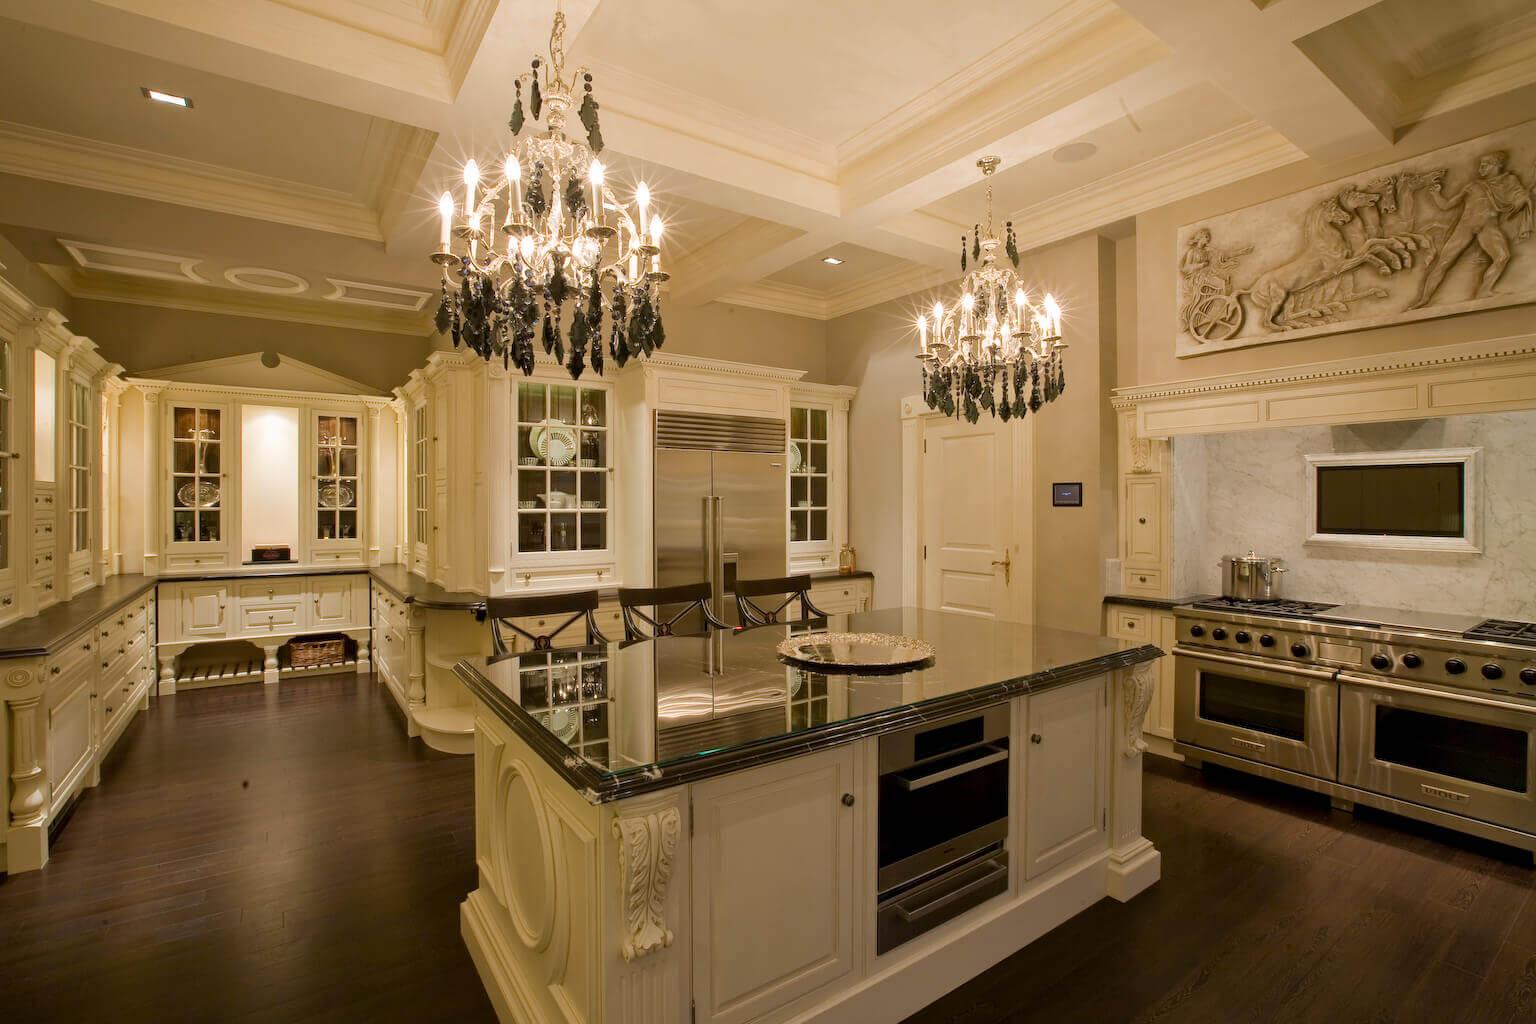 Best Kitchen Gallery: Top 65 Luxury Kitchen Design Ideas Exclusive Gallery of Luxury Kitchen Ideas on rachelxblog.com